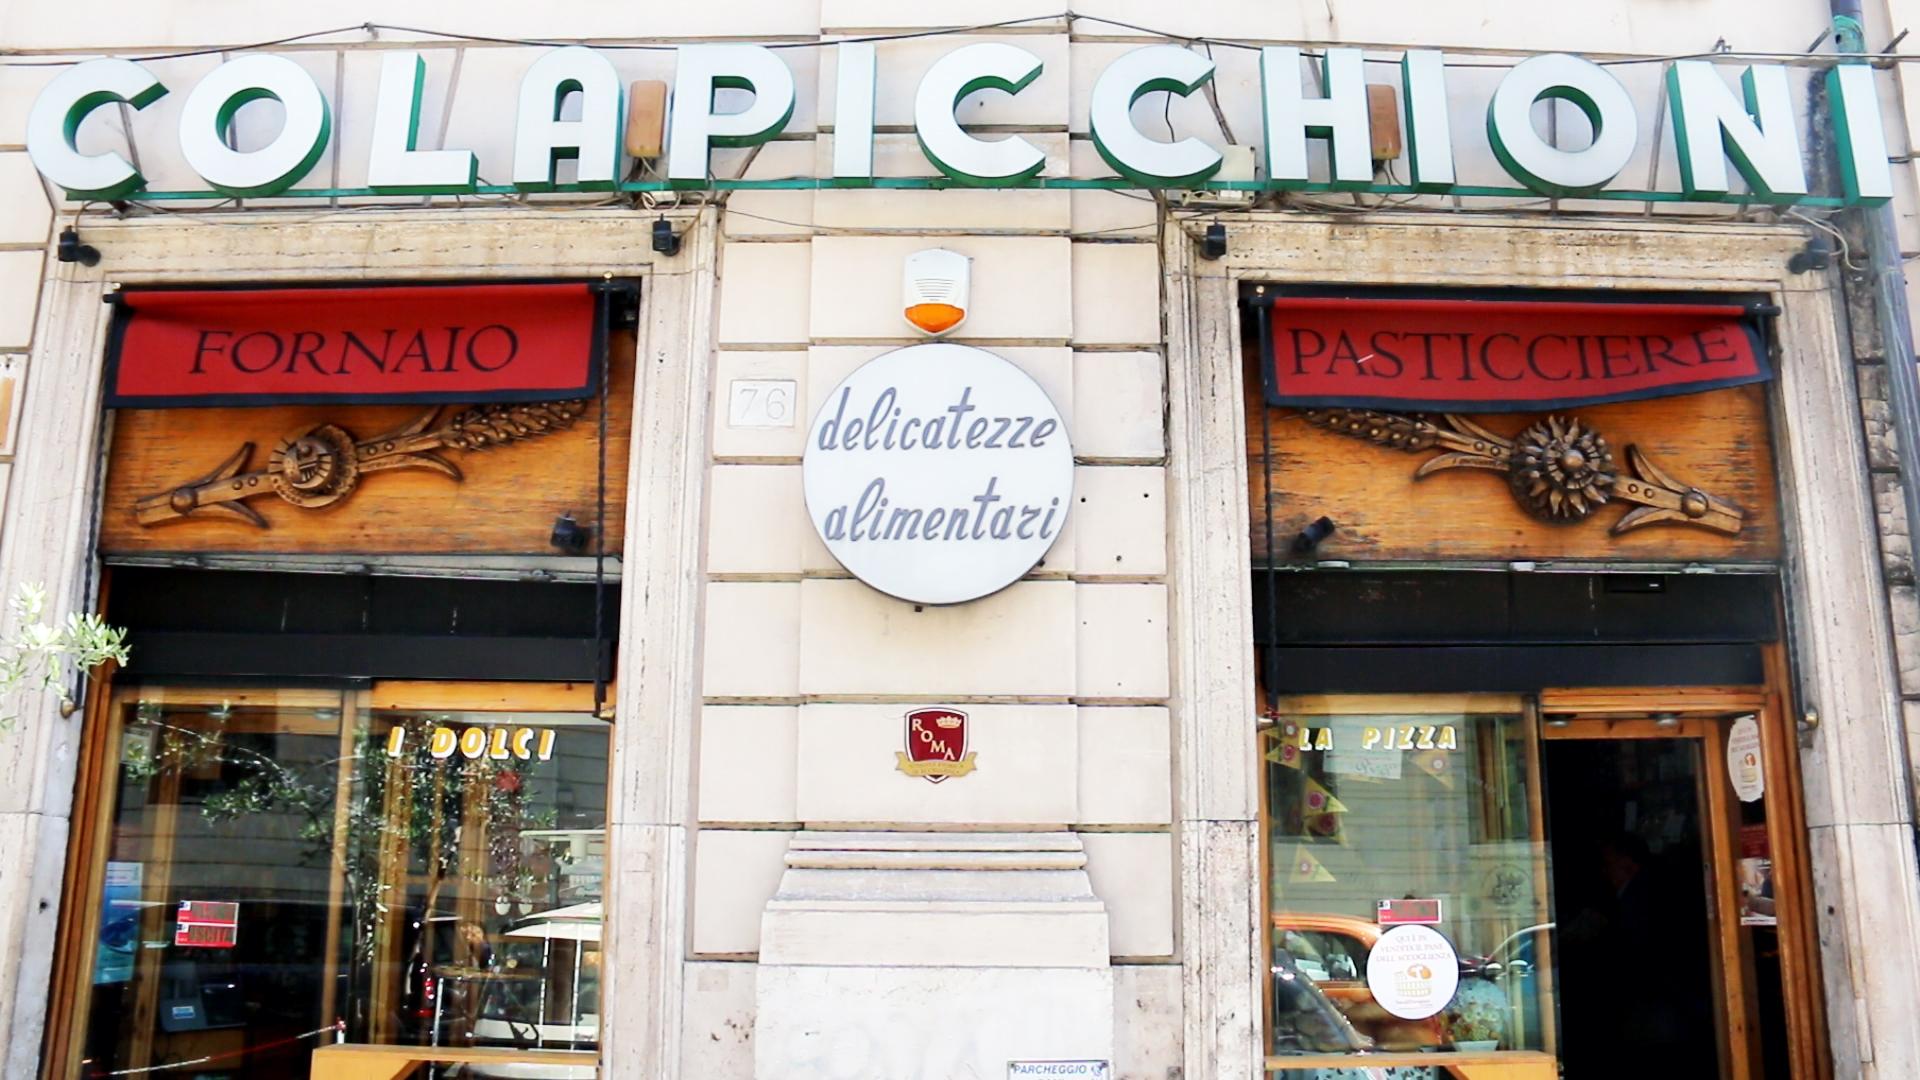 Colapicchioni Roma